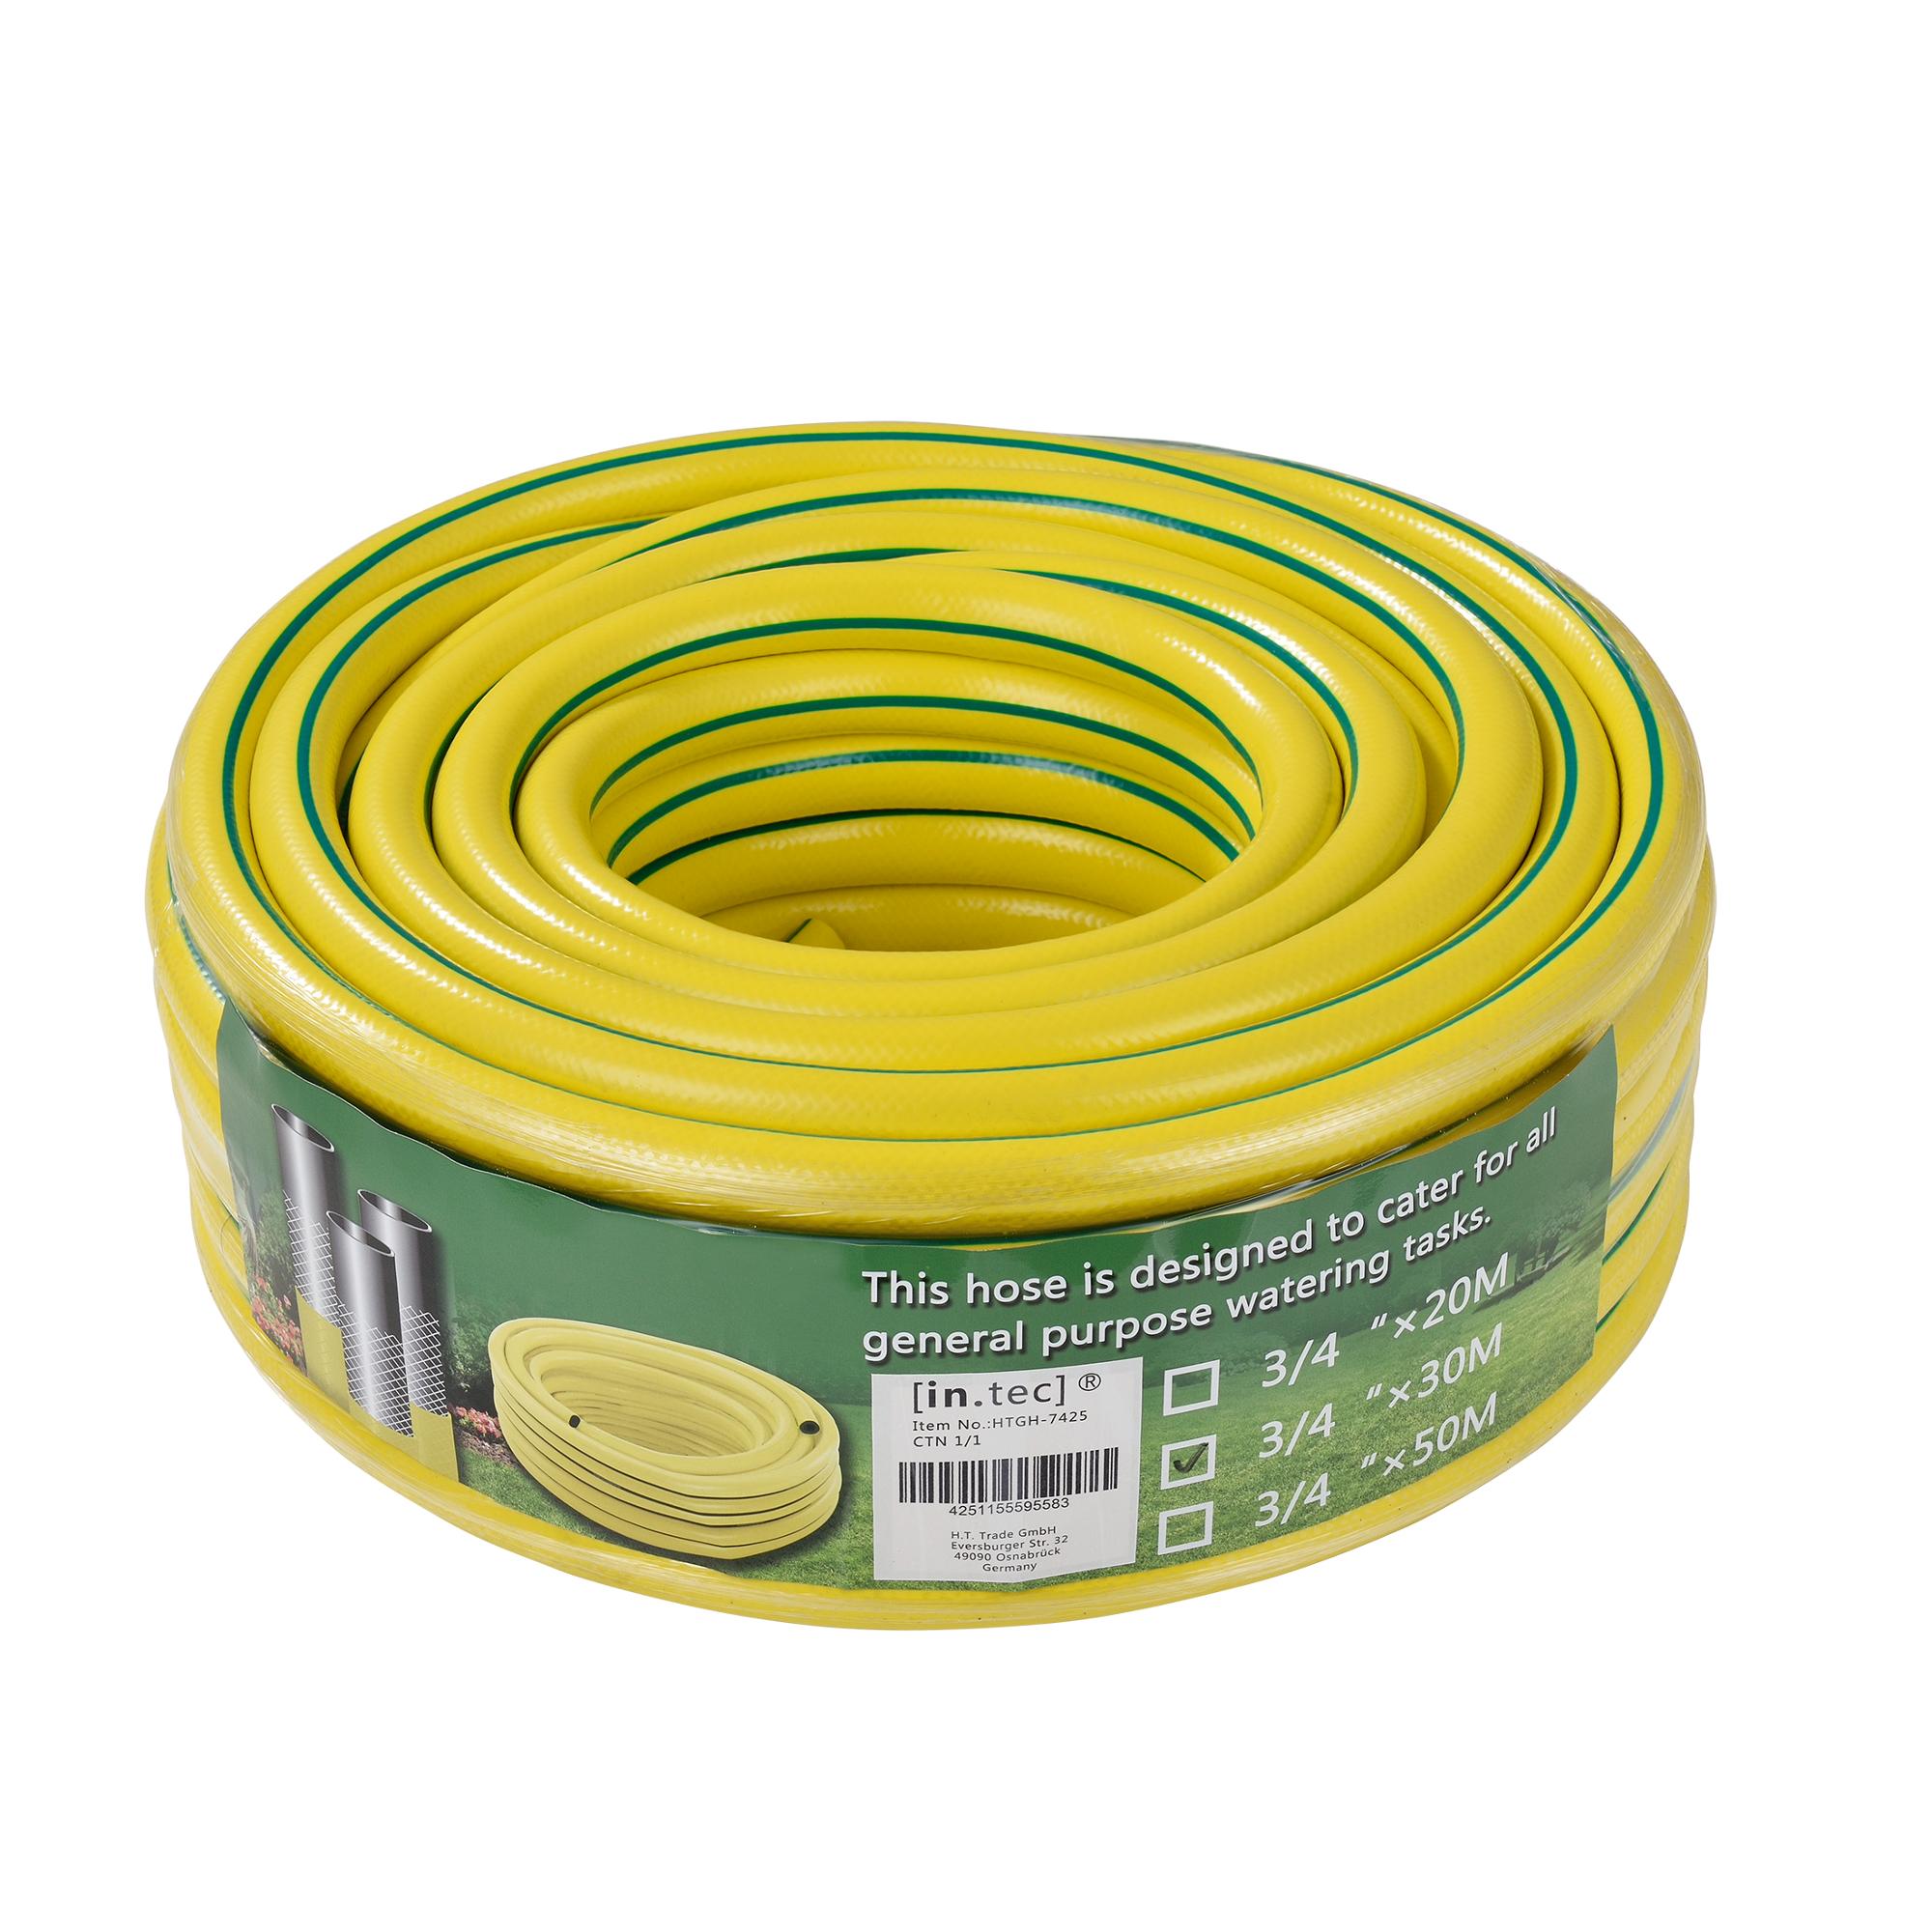 [in.tec]® zahradní hadice / kropicí hadice ,žlutá zelená proužek,30 m,3/4